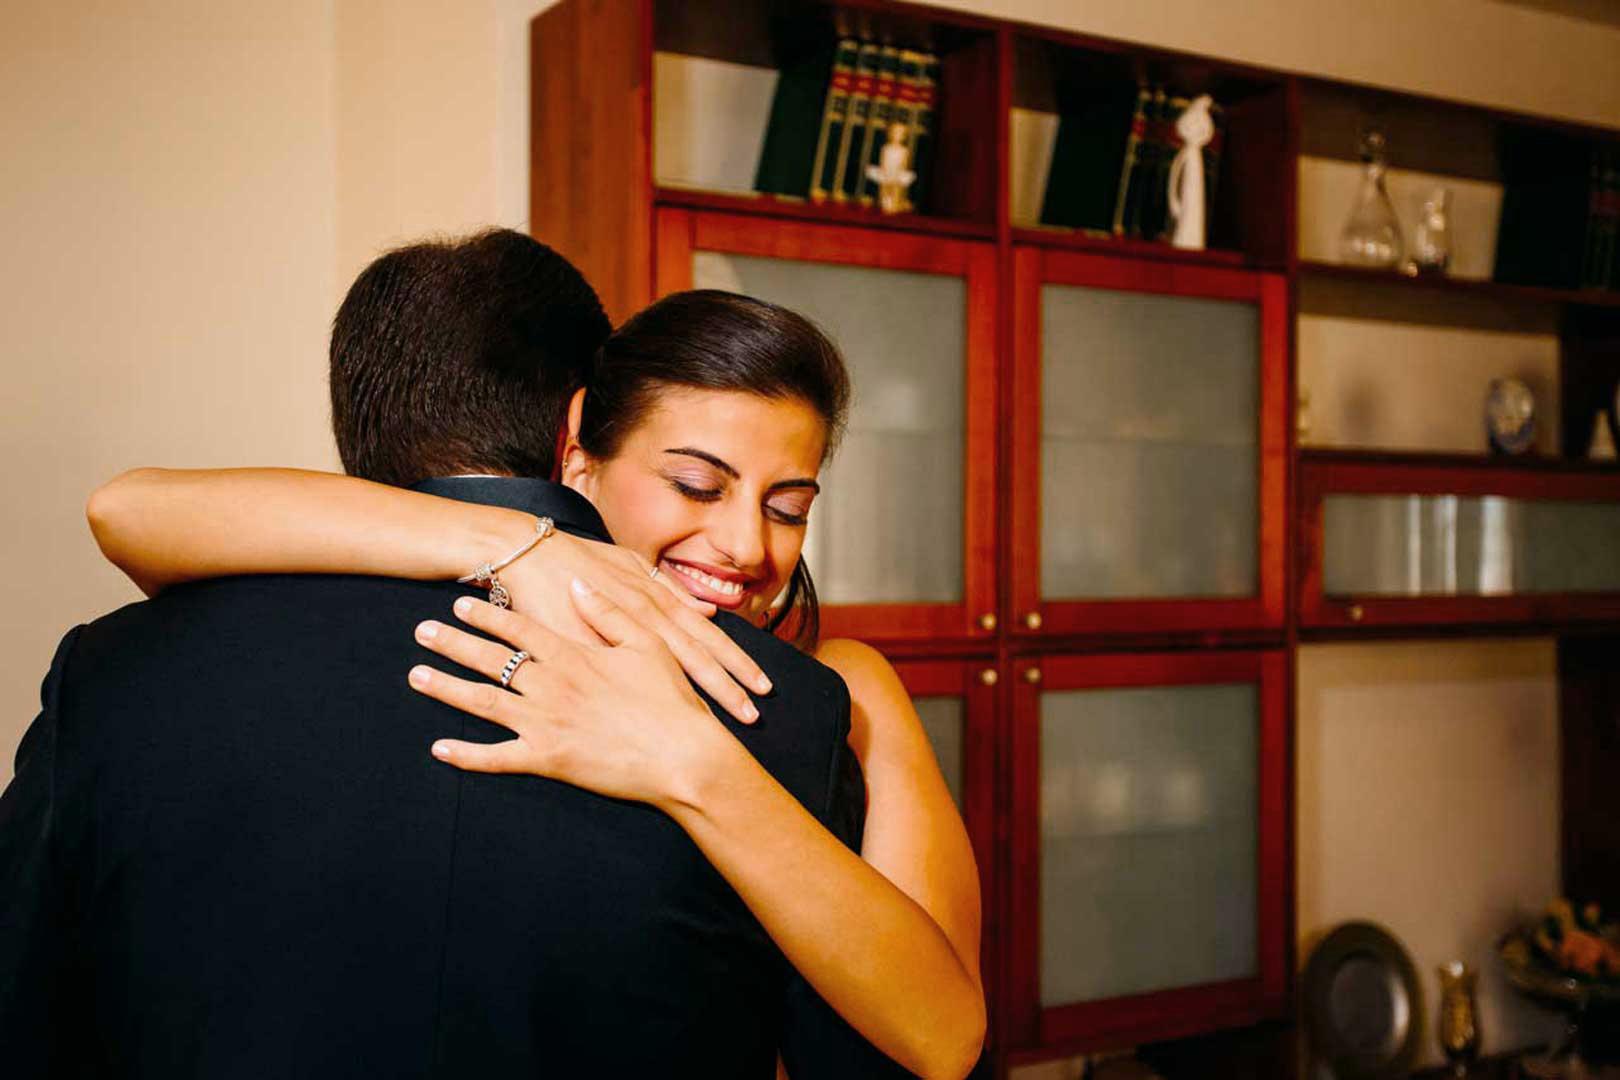 005-abbraccio-emozione-matrimonio-gianni-lepore-fotografo